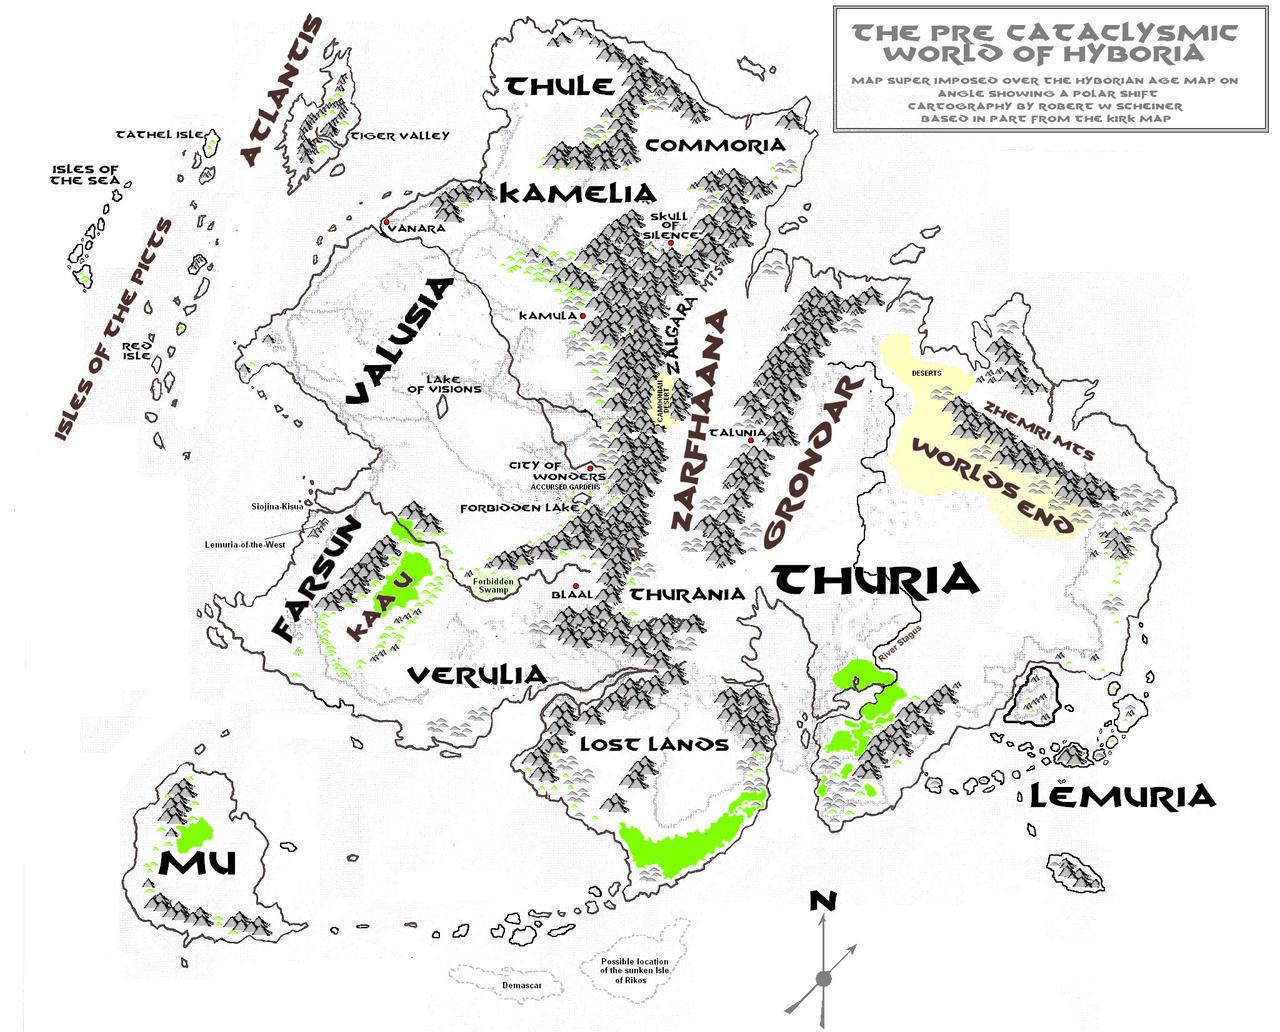 R.E. Howards Kulls Atlantis